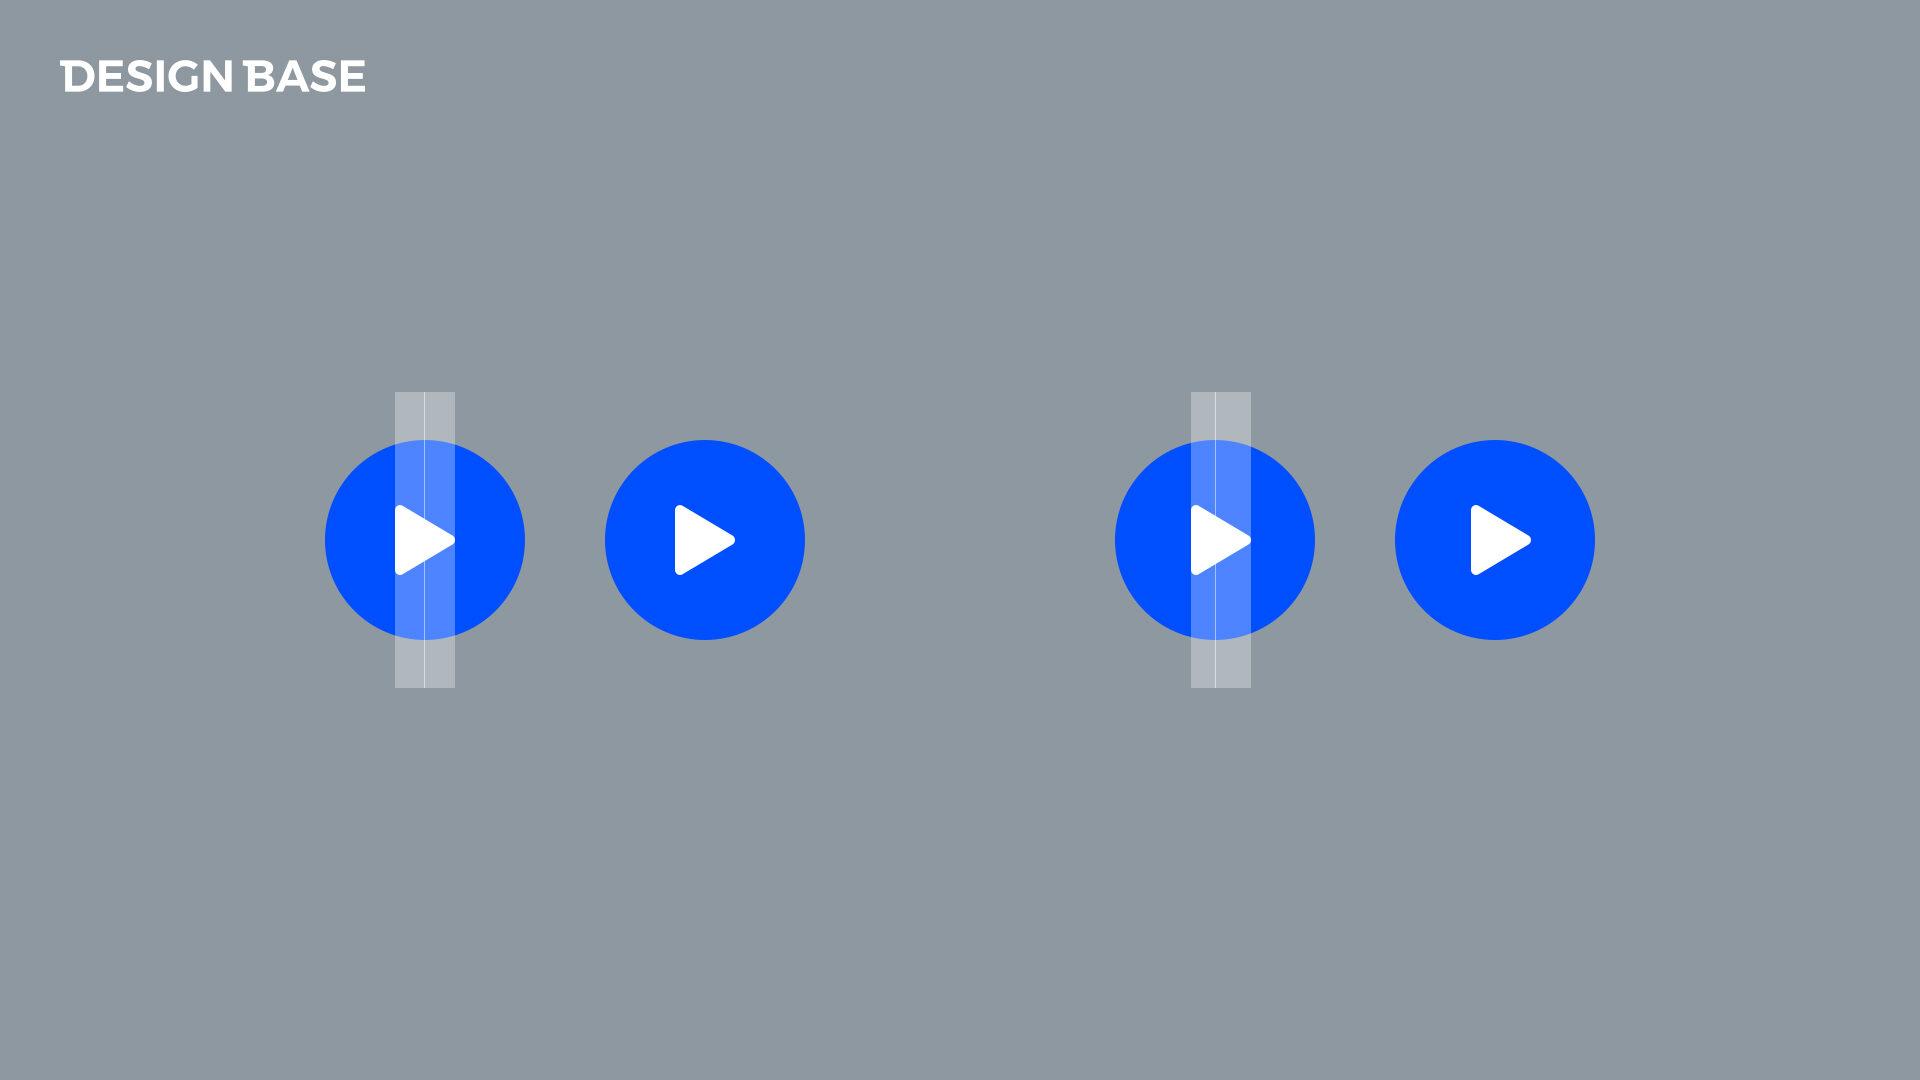 좌측 : 중앙 정렬 시 삼각형의 무게중심 때문에 정렬로 보이지 않음 / 우측 : 무게중심을 생각해서 우측으로 이동해야 중앙 정렬로 느낌